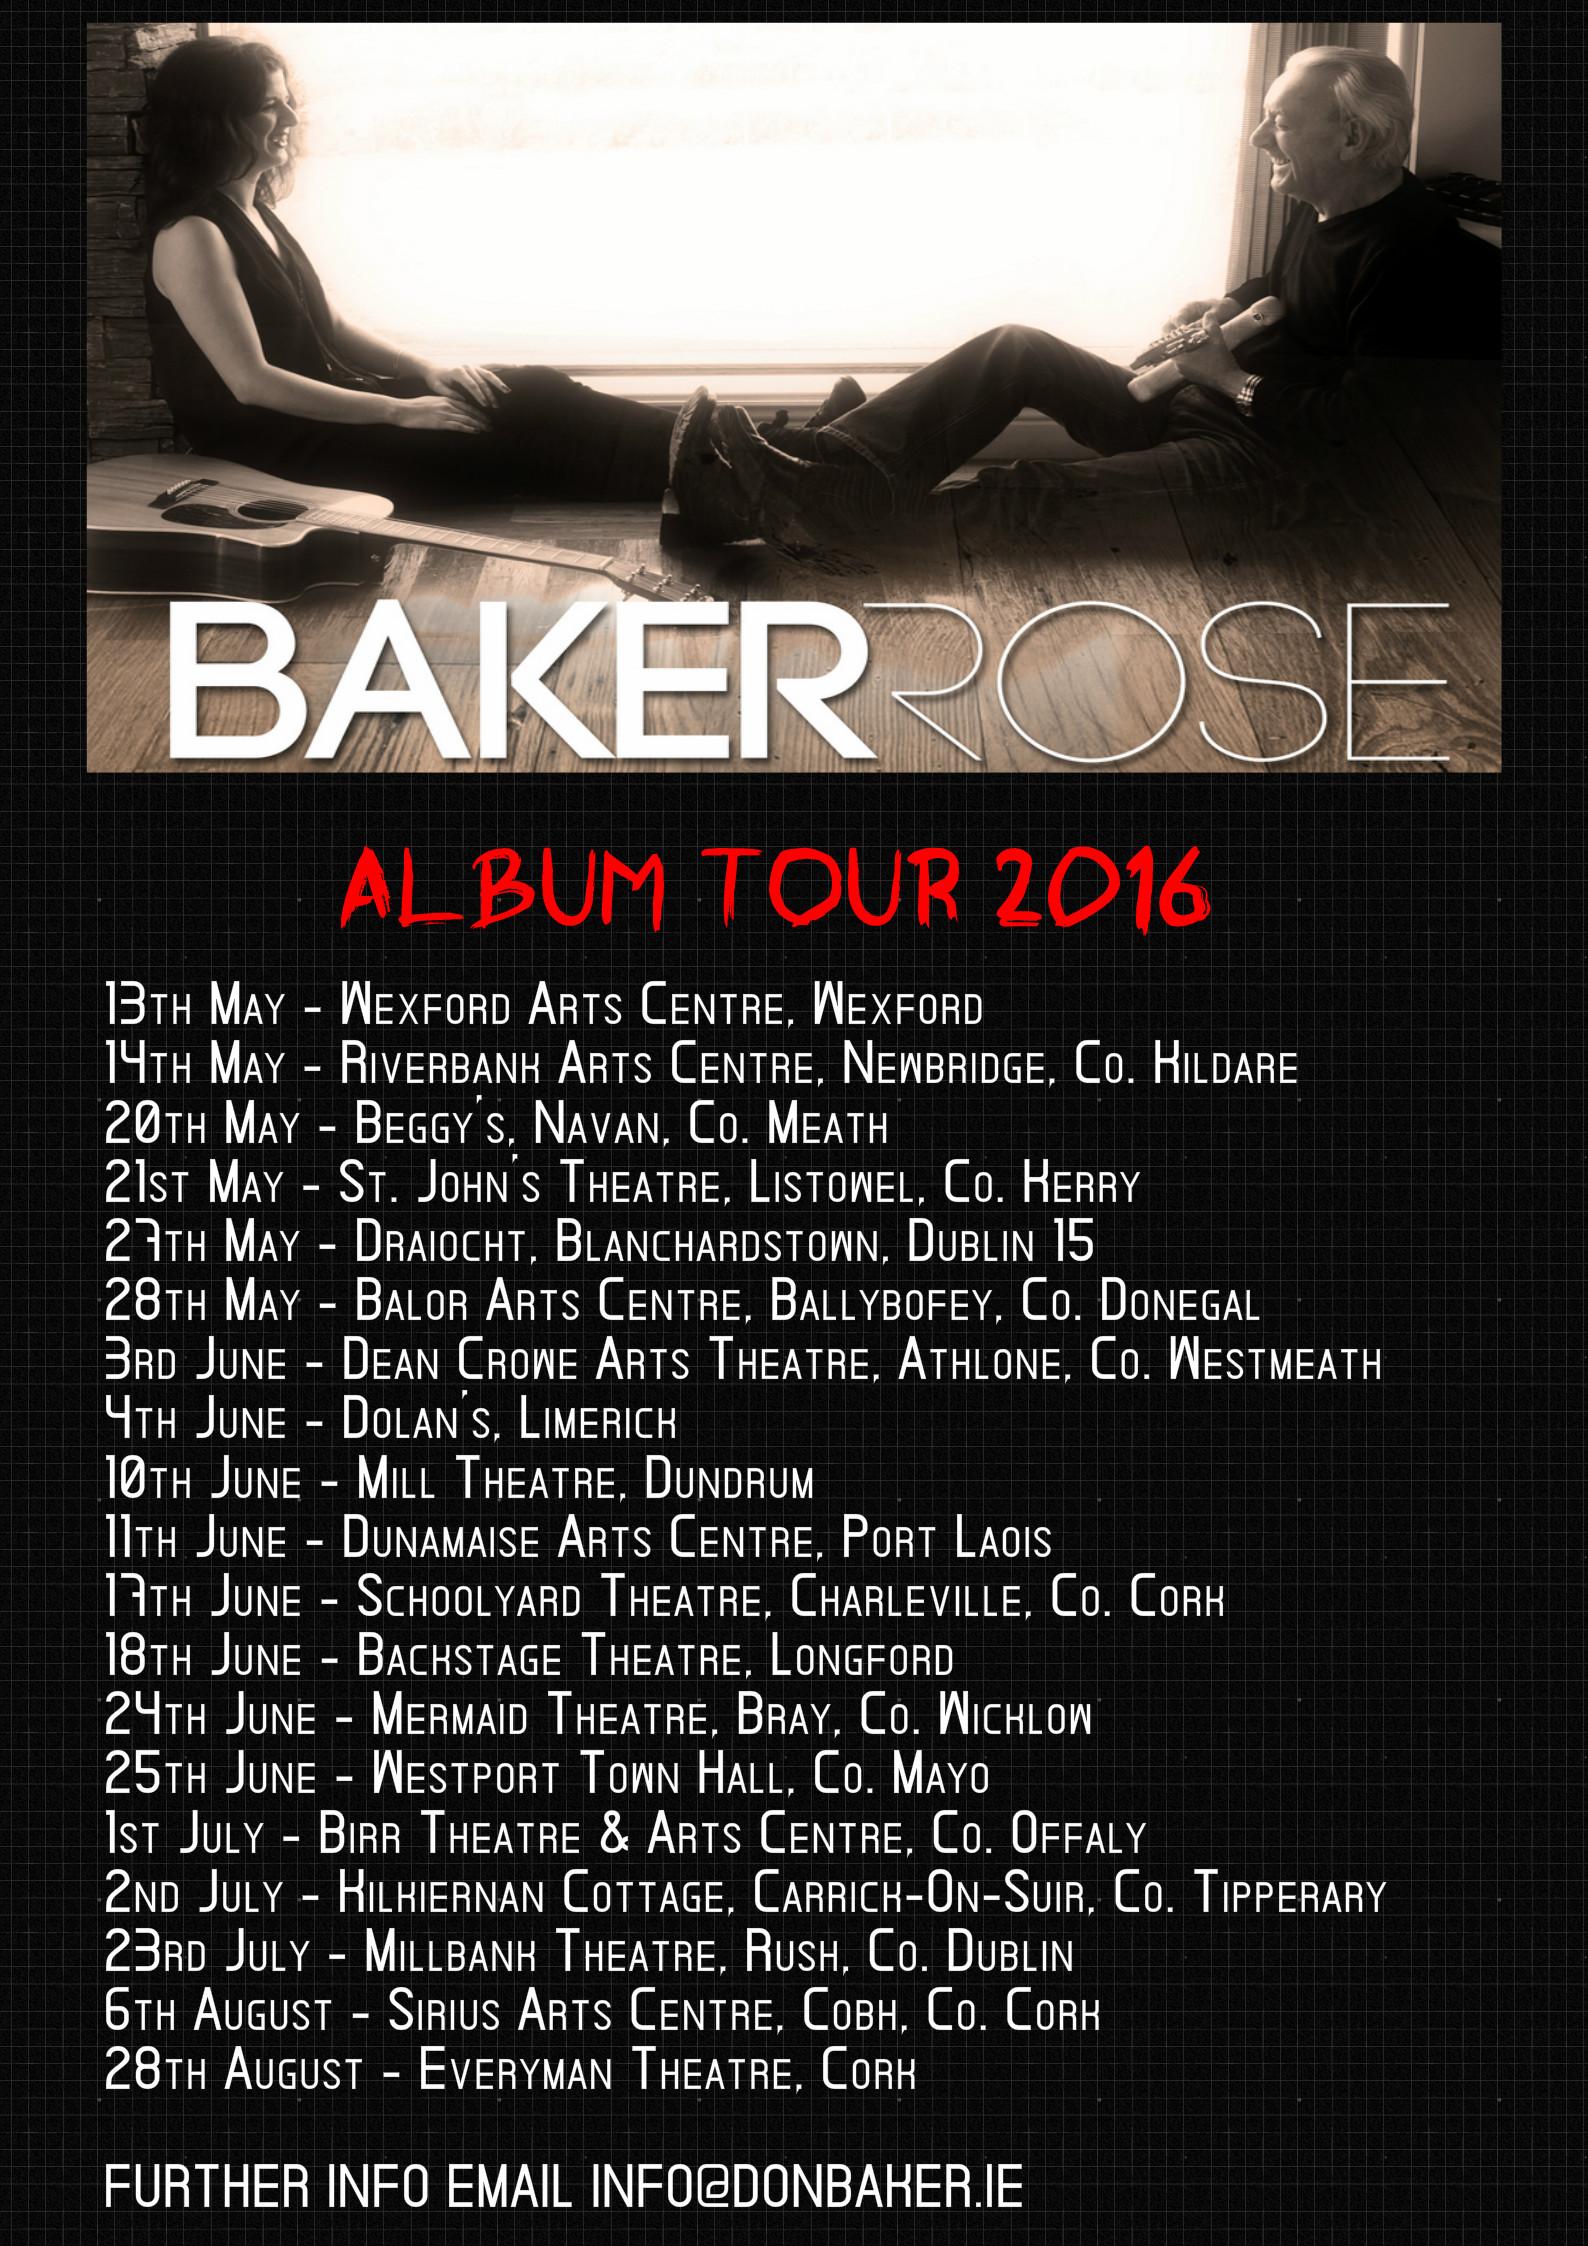 BR TOUR APRIL 2016